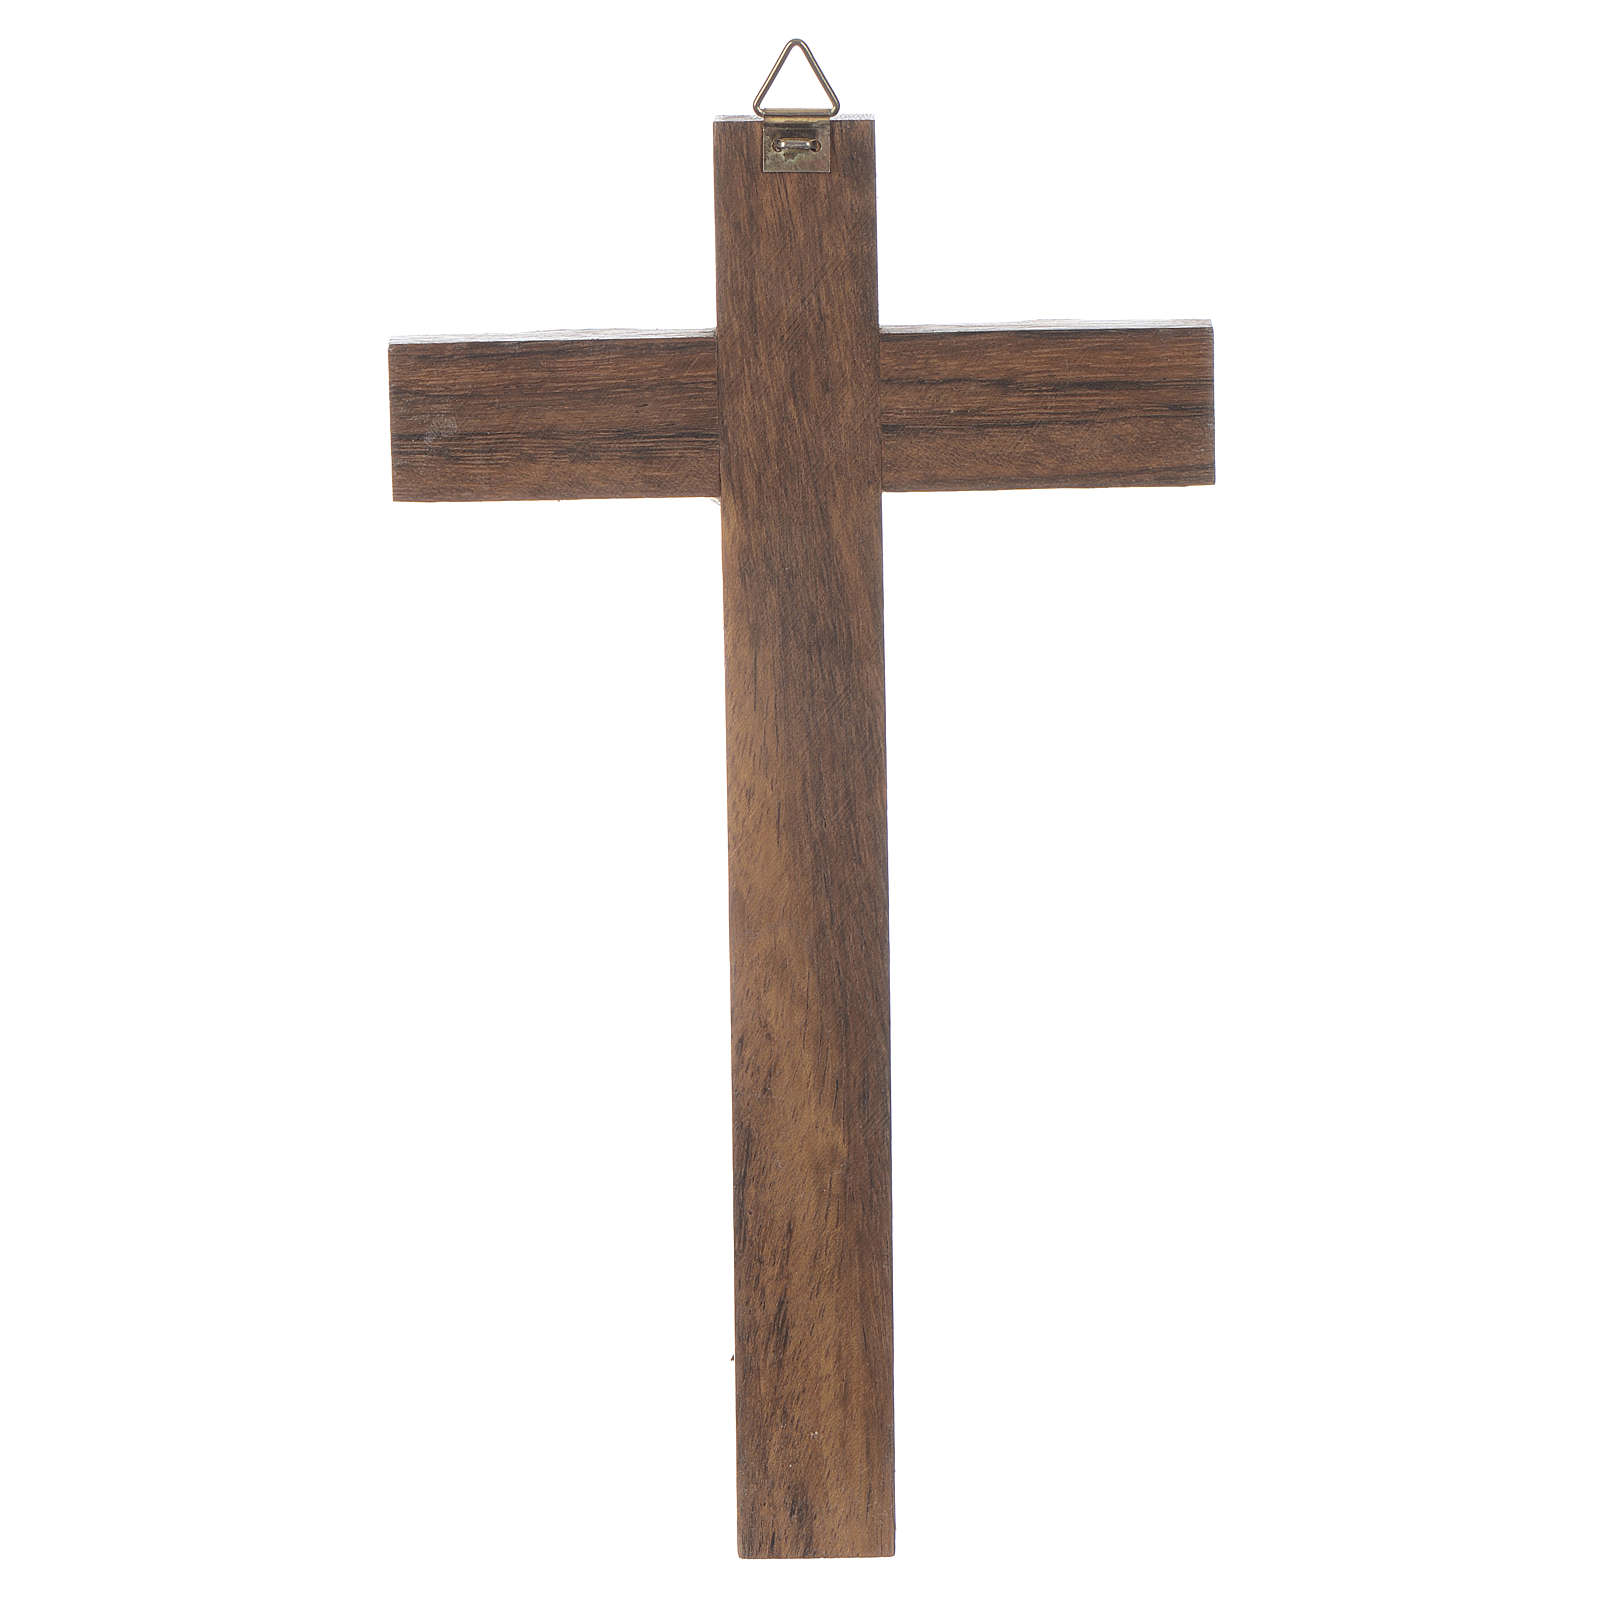 Krzyż drewno ciało chrystusa metal posrebrzany 18cm 4